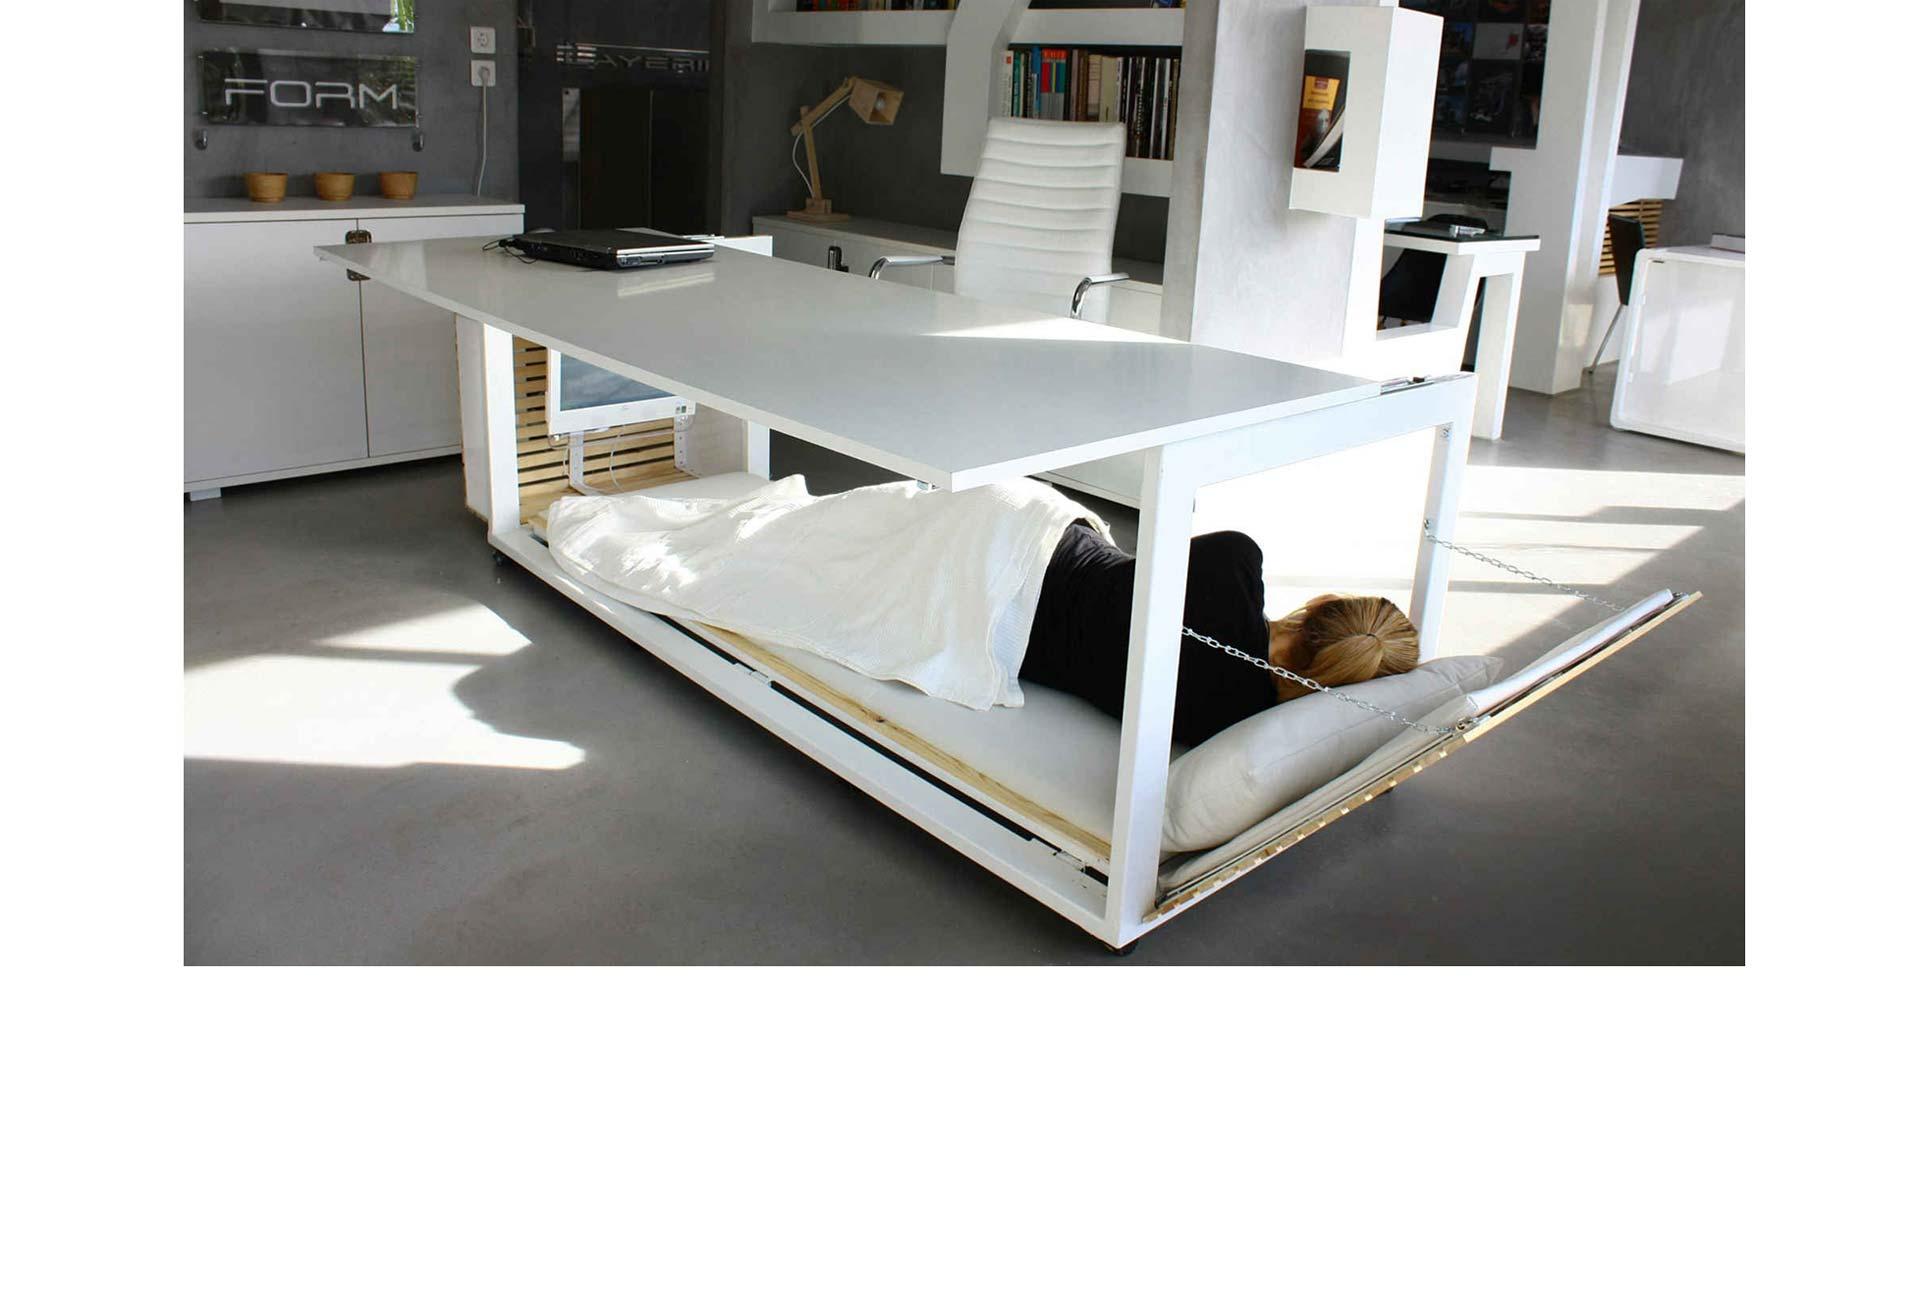 Algunas empresas que ya cuentan con salones para siestas, en los que sus empleados pueden recuperar energías